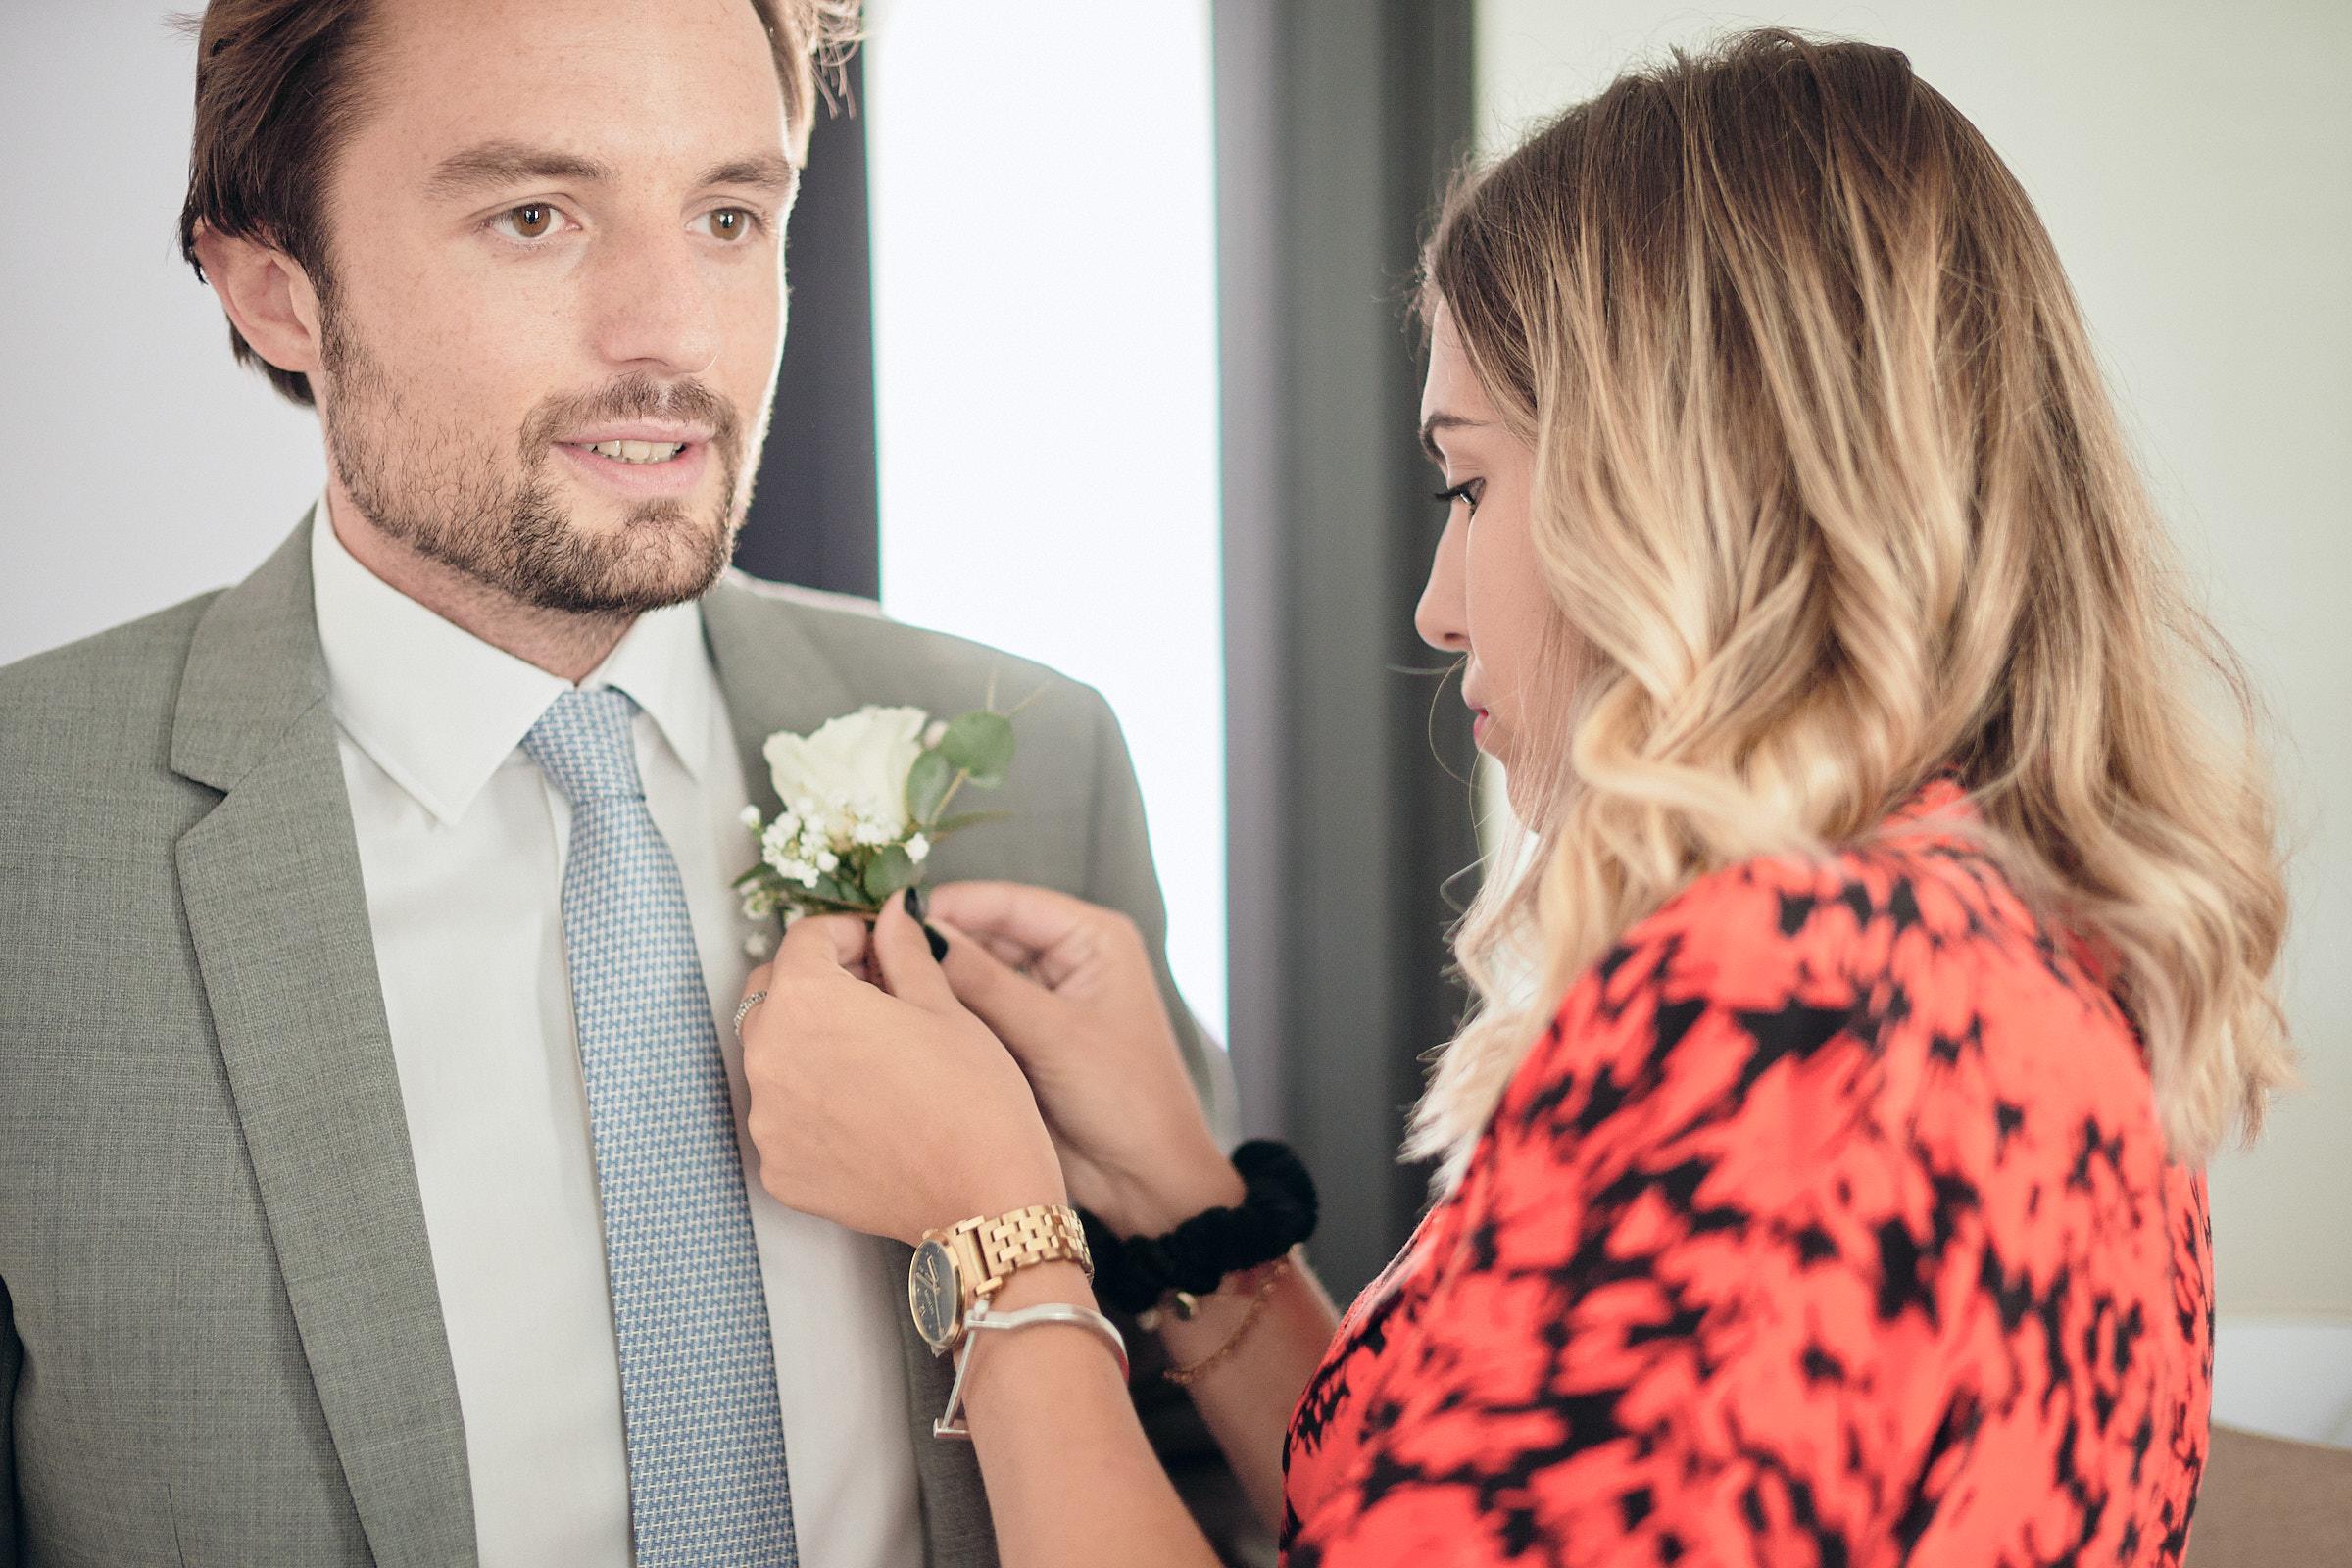 une amie accroche la boutonnière sur la veste du marié